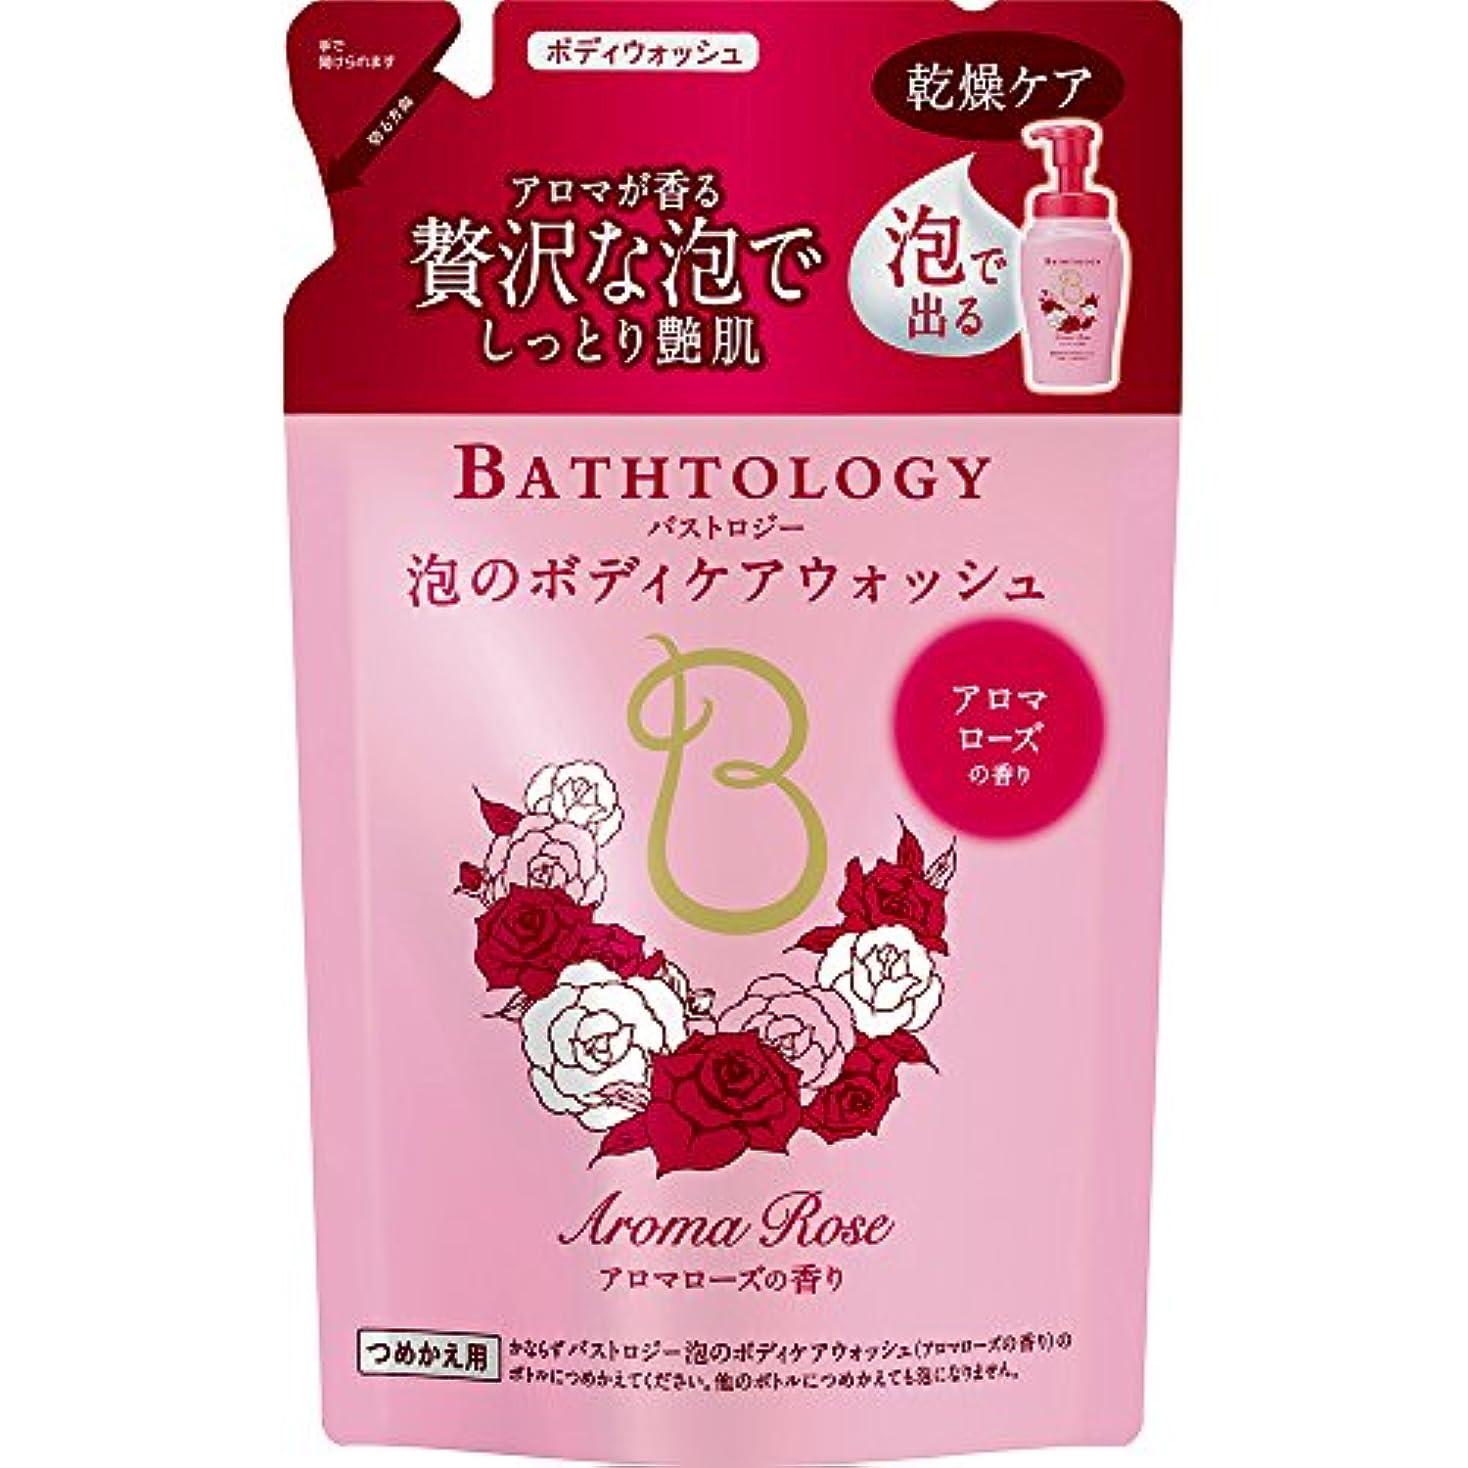 からかう耐久反対にBATHTOLOGY 泡のボディケアウォッシュ アロマローズの香り 詰め替え 350ml